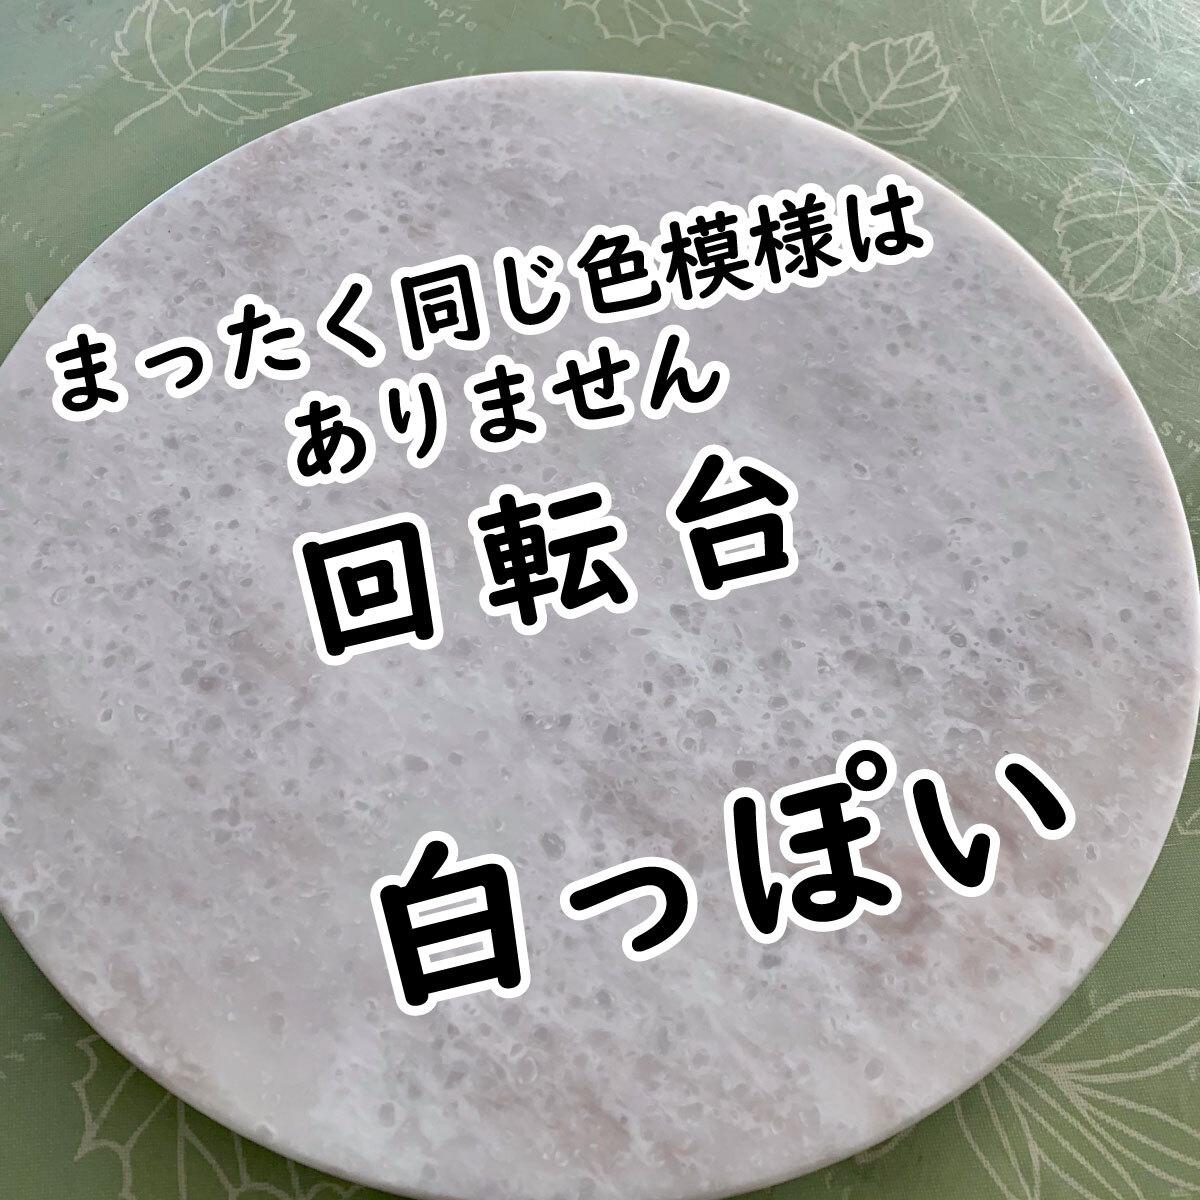 ギャザリング作成の必需品【回転台】大きな鉢でも楽々制作 - 画像3